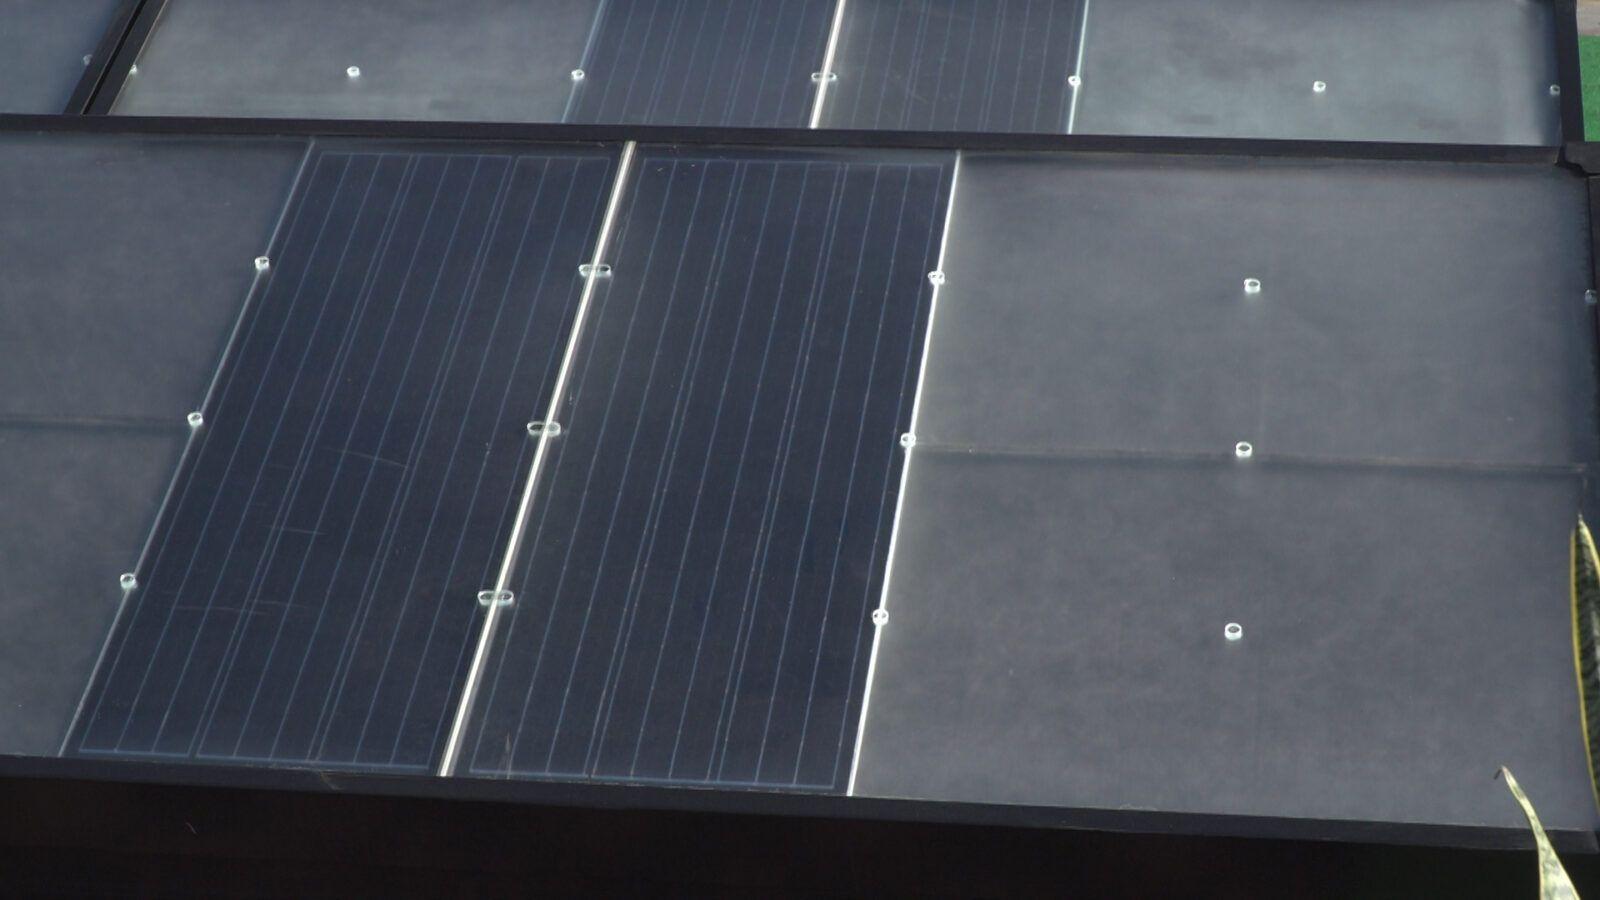 Nadchodzi nowa generacja paneli fotowoltaicznych. Grafen i perowskity ułatwią tworzenie wytrzymalszych i wydajniejszych ogniw